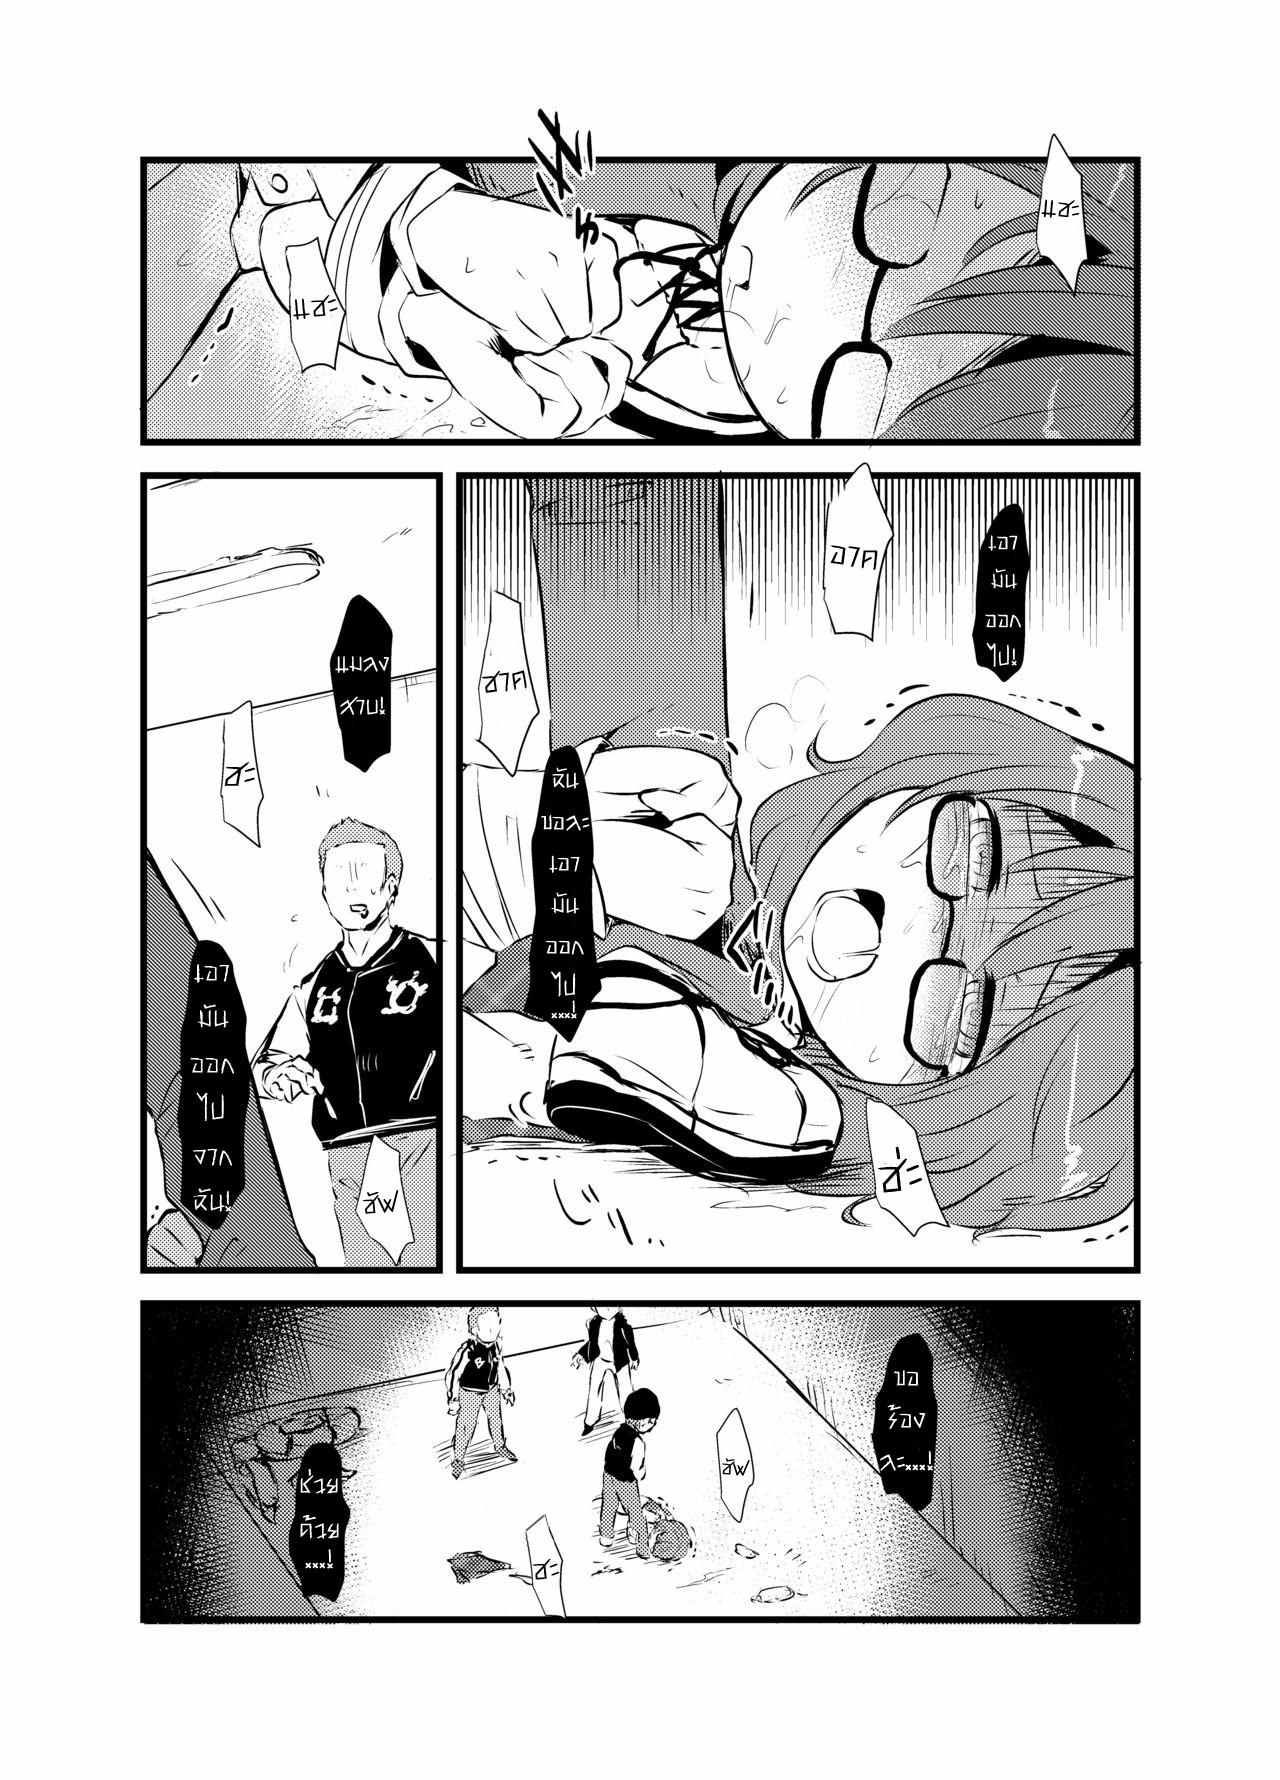 หนังสือวิธียัดแมลงสาปเข้าไปข้างในของซึมิเรโคะจัง ภาพ 14